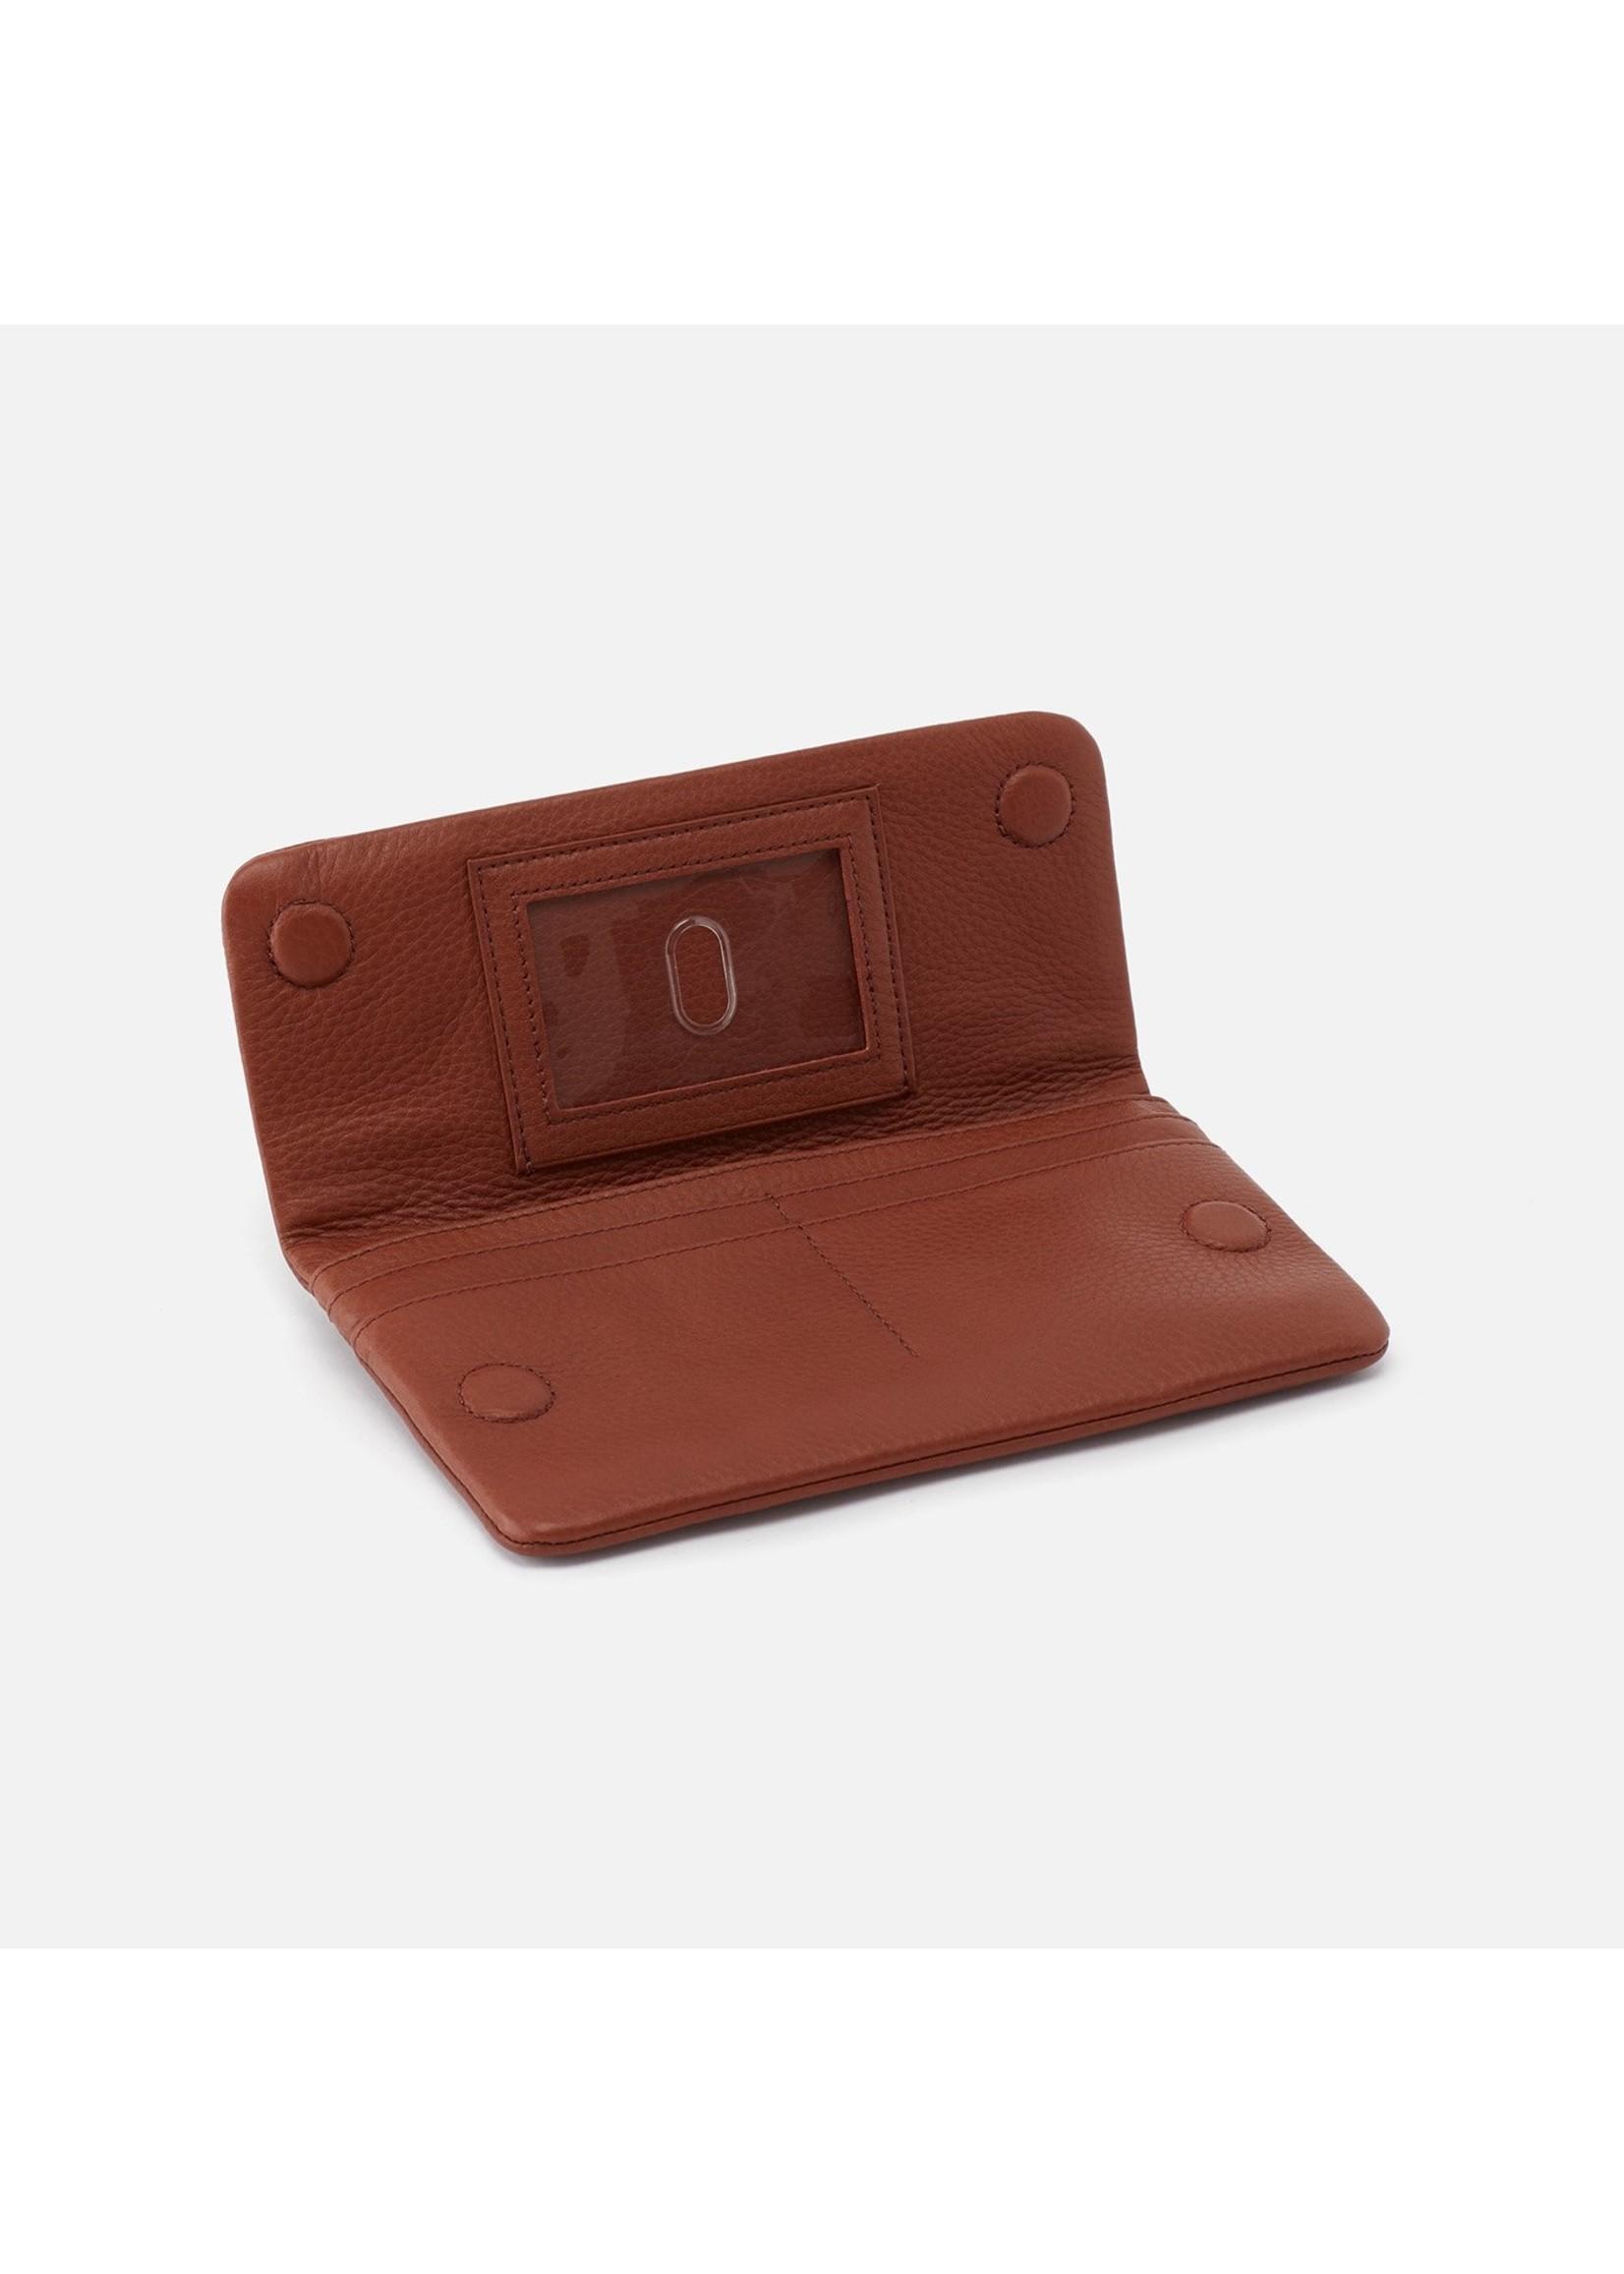 hobo Paca Continental Wallet Velvet Hide - Toffee